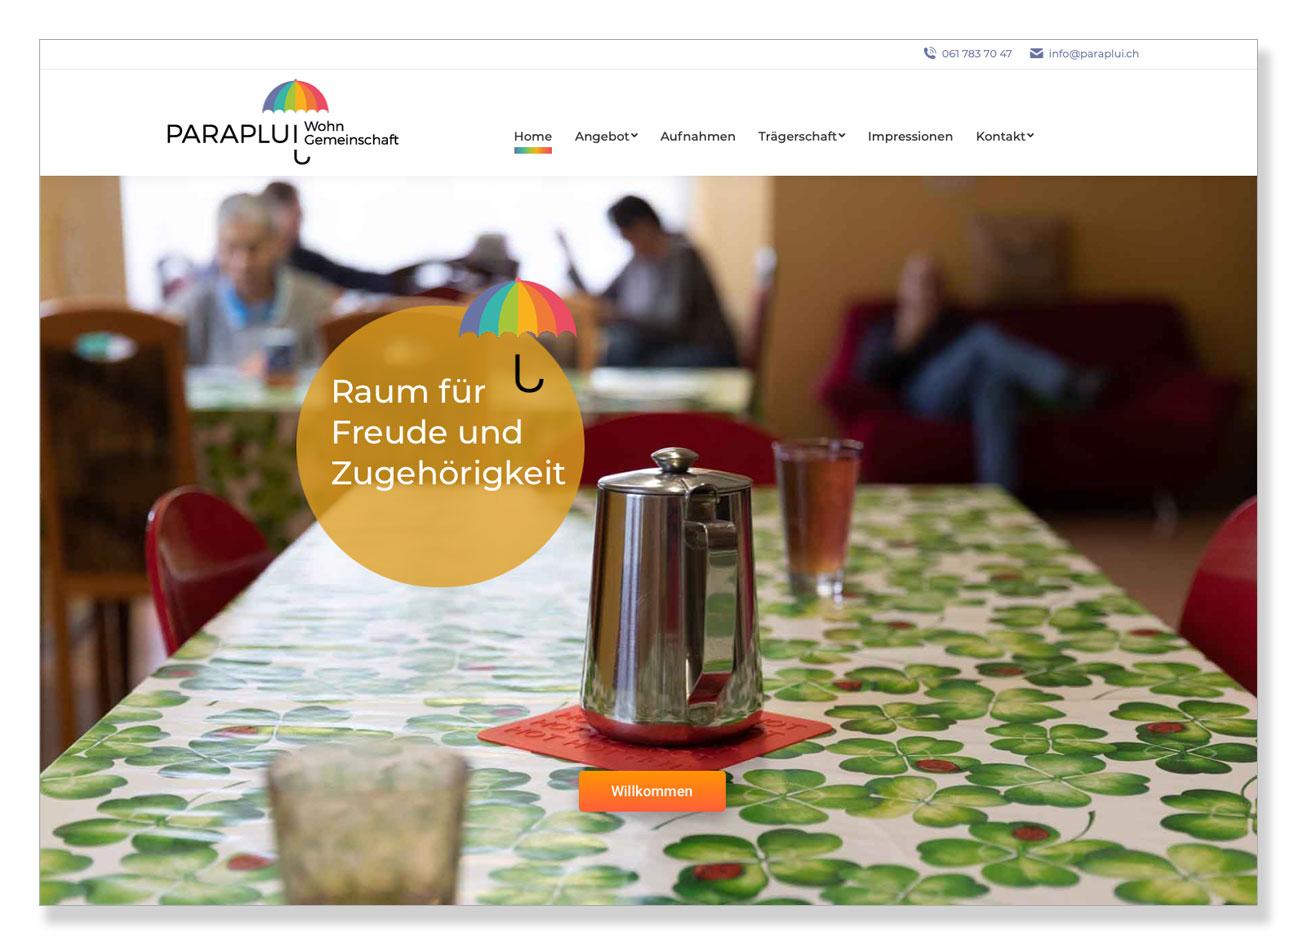 Feldenkraisausbildung Zürich City, Website, Prospekte, Fotografie, Werbematerial, Videos